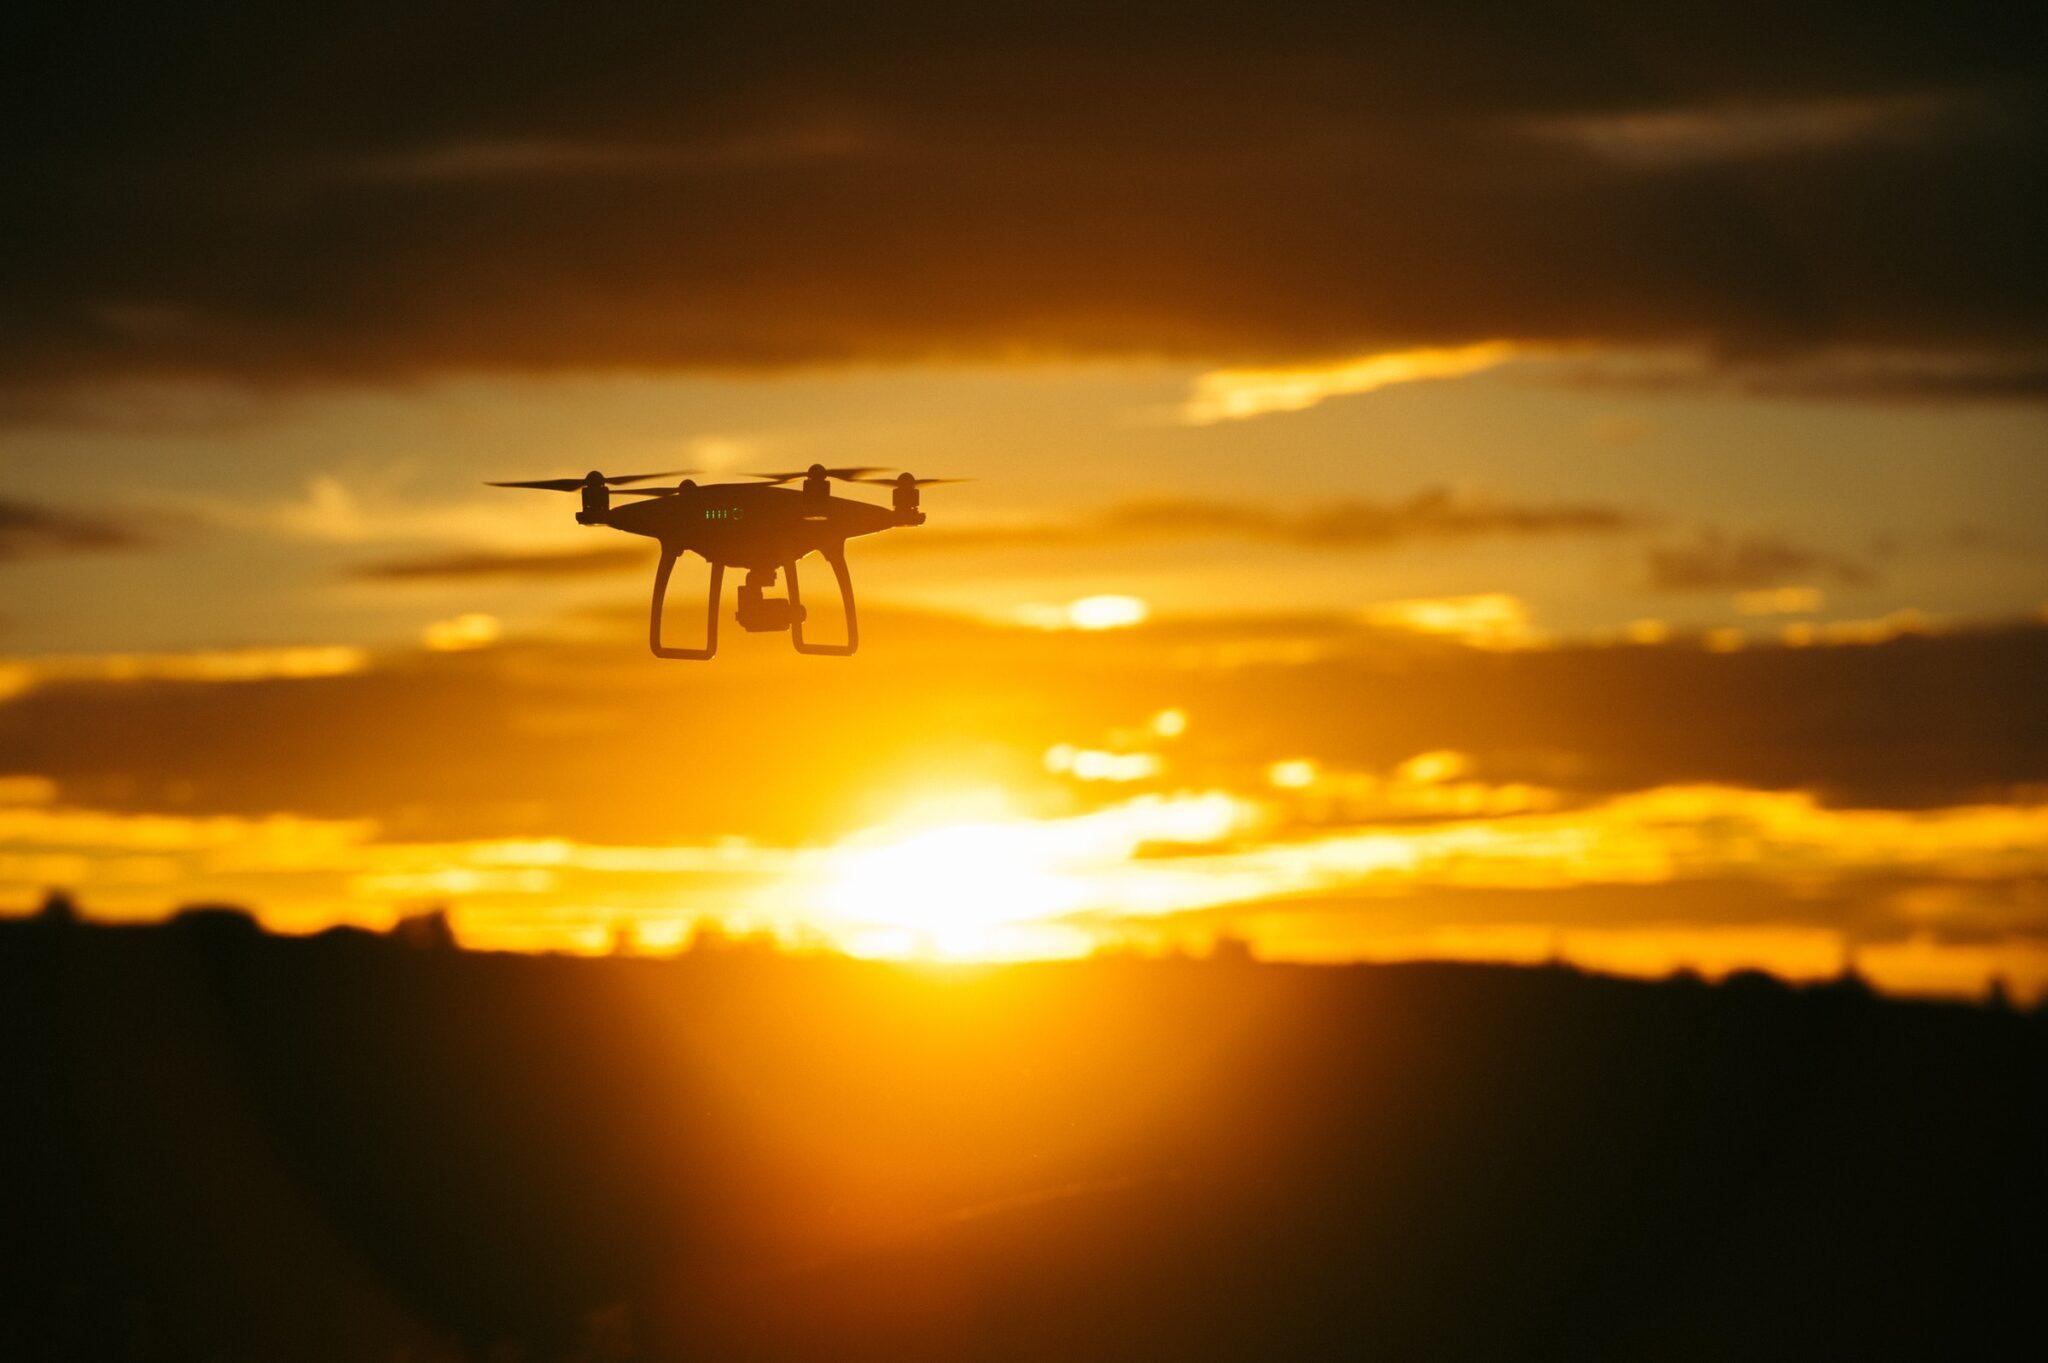 Eine Drohne im goldenen Licht der Dämmerung.